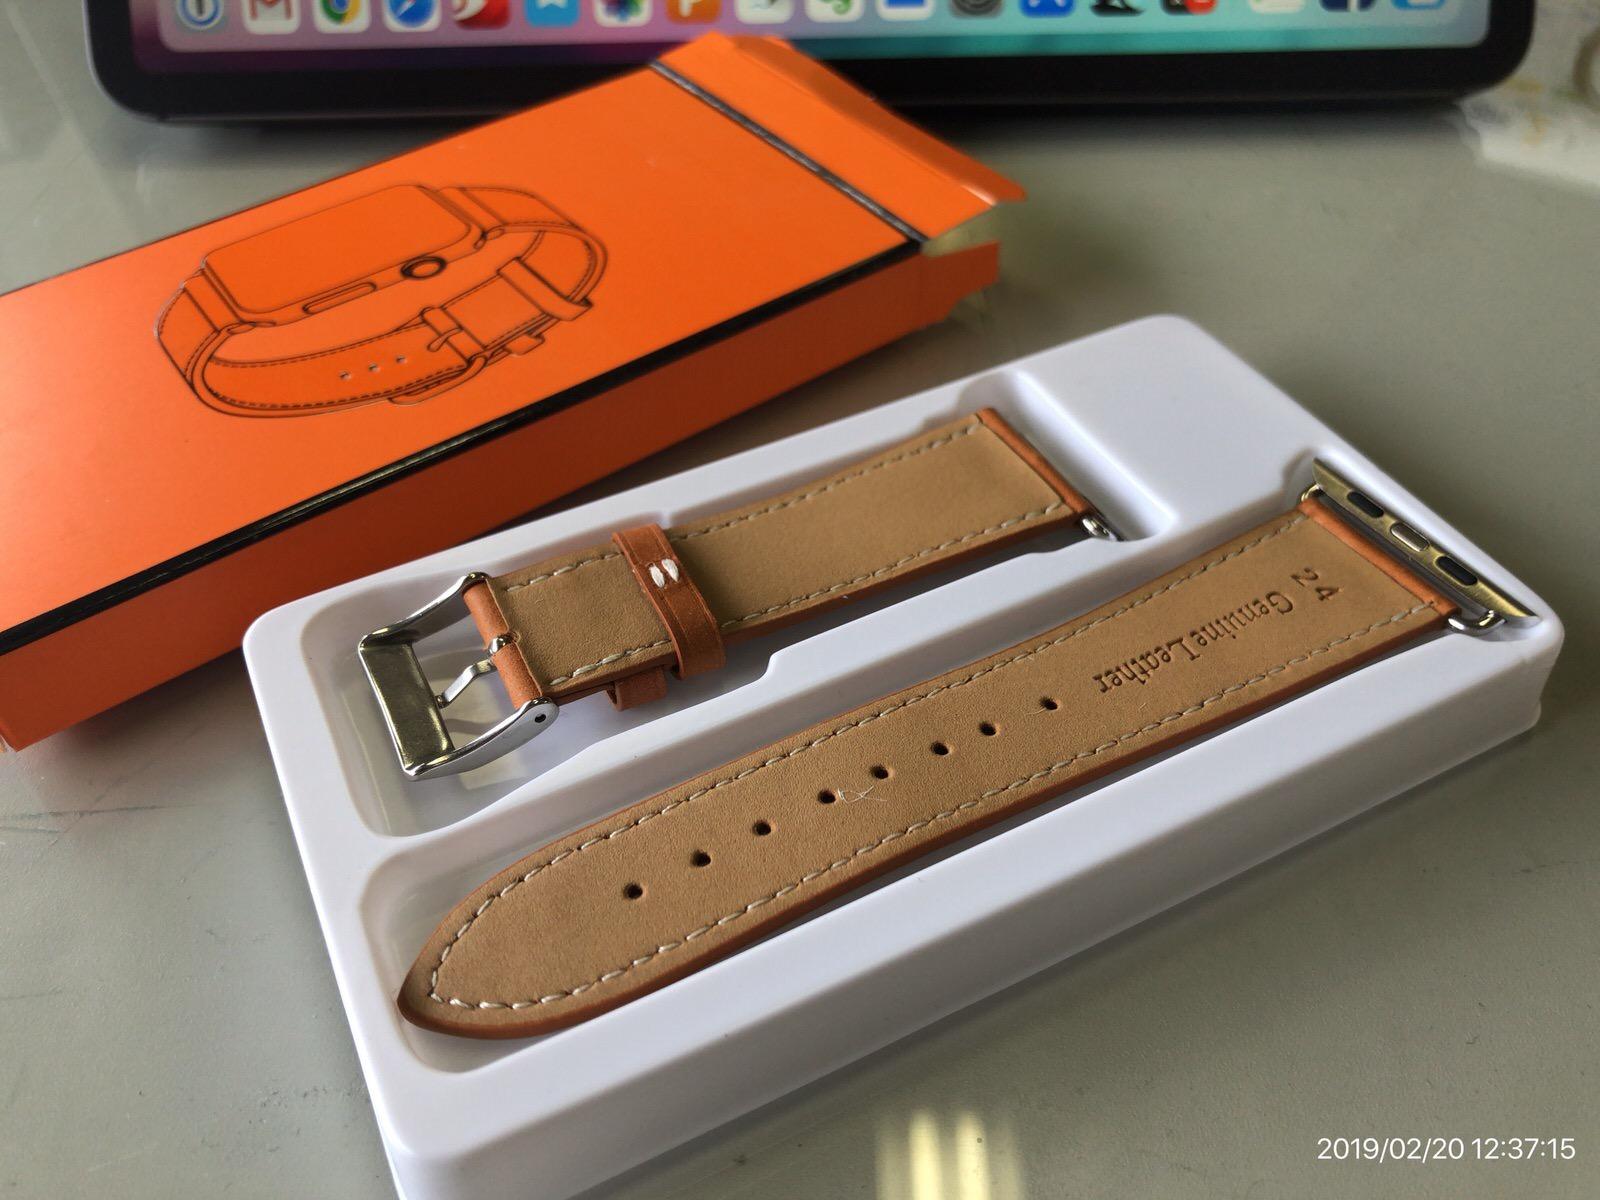 BRG コンパチブル Apple Watch Series 4(44mm)本革バンド(ブラウン)−3